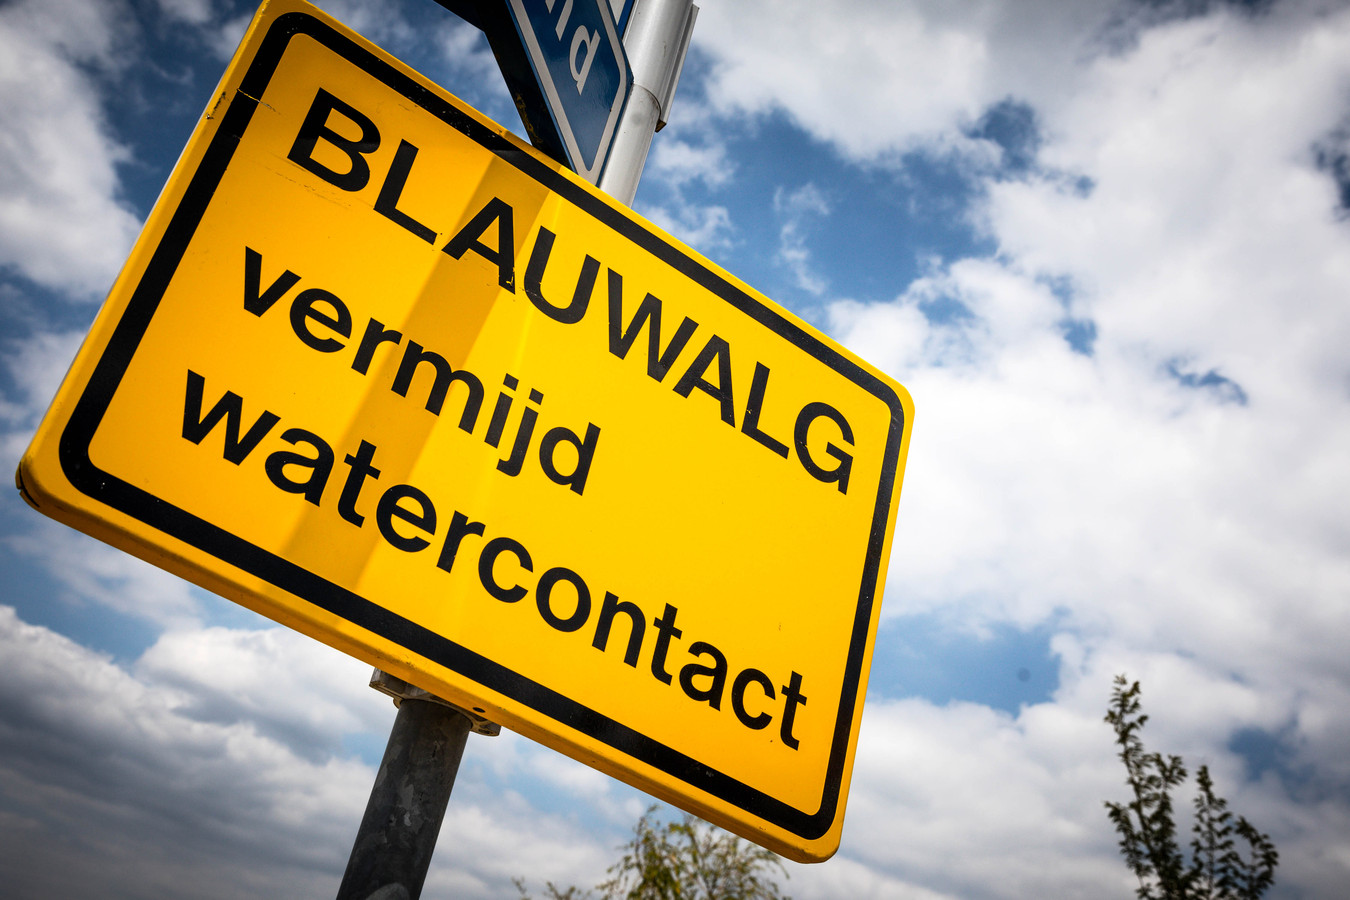 Een waarschuwingsbord voor blauwalg.